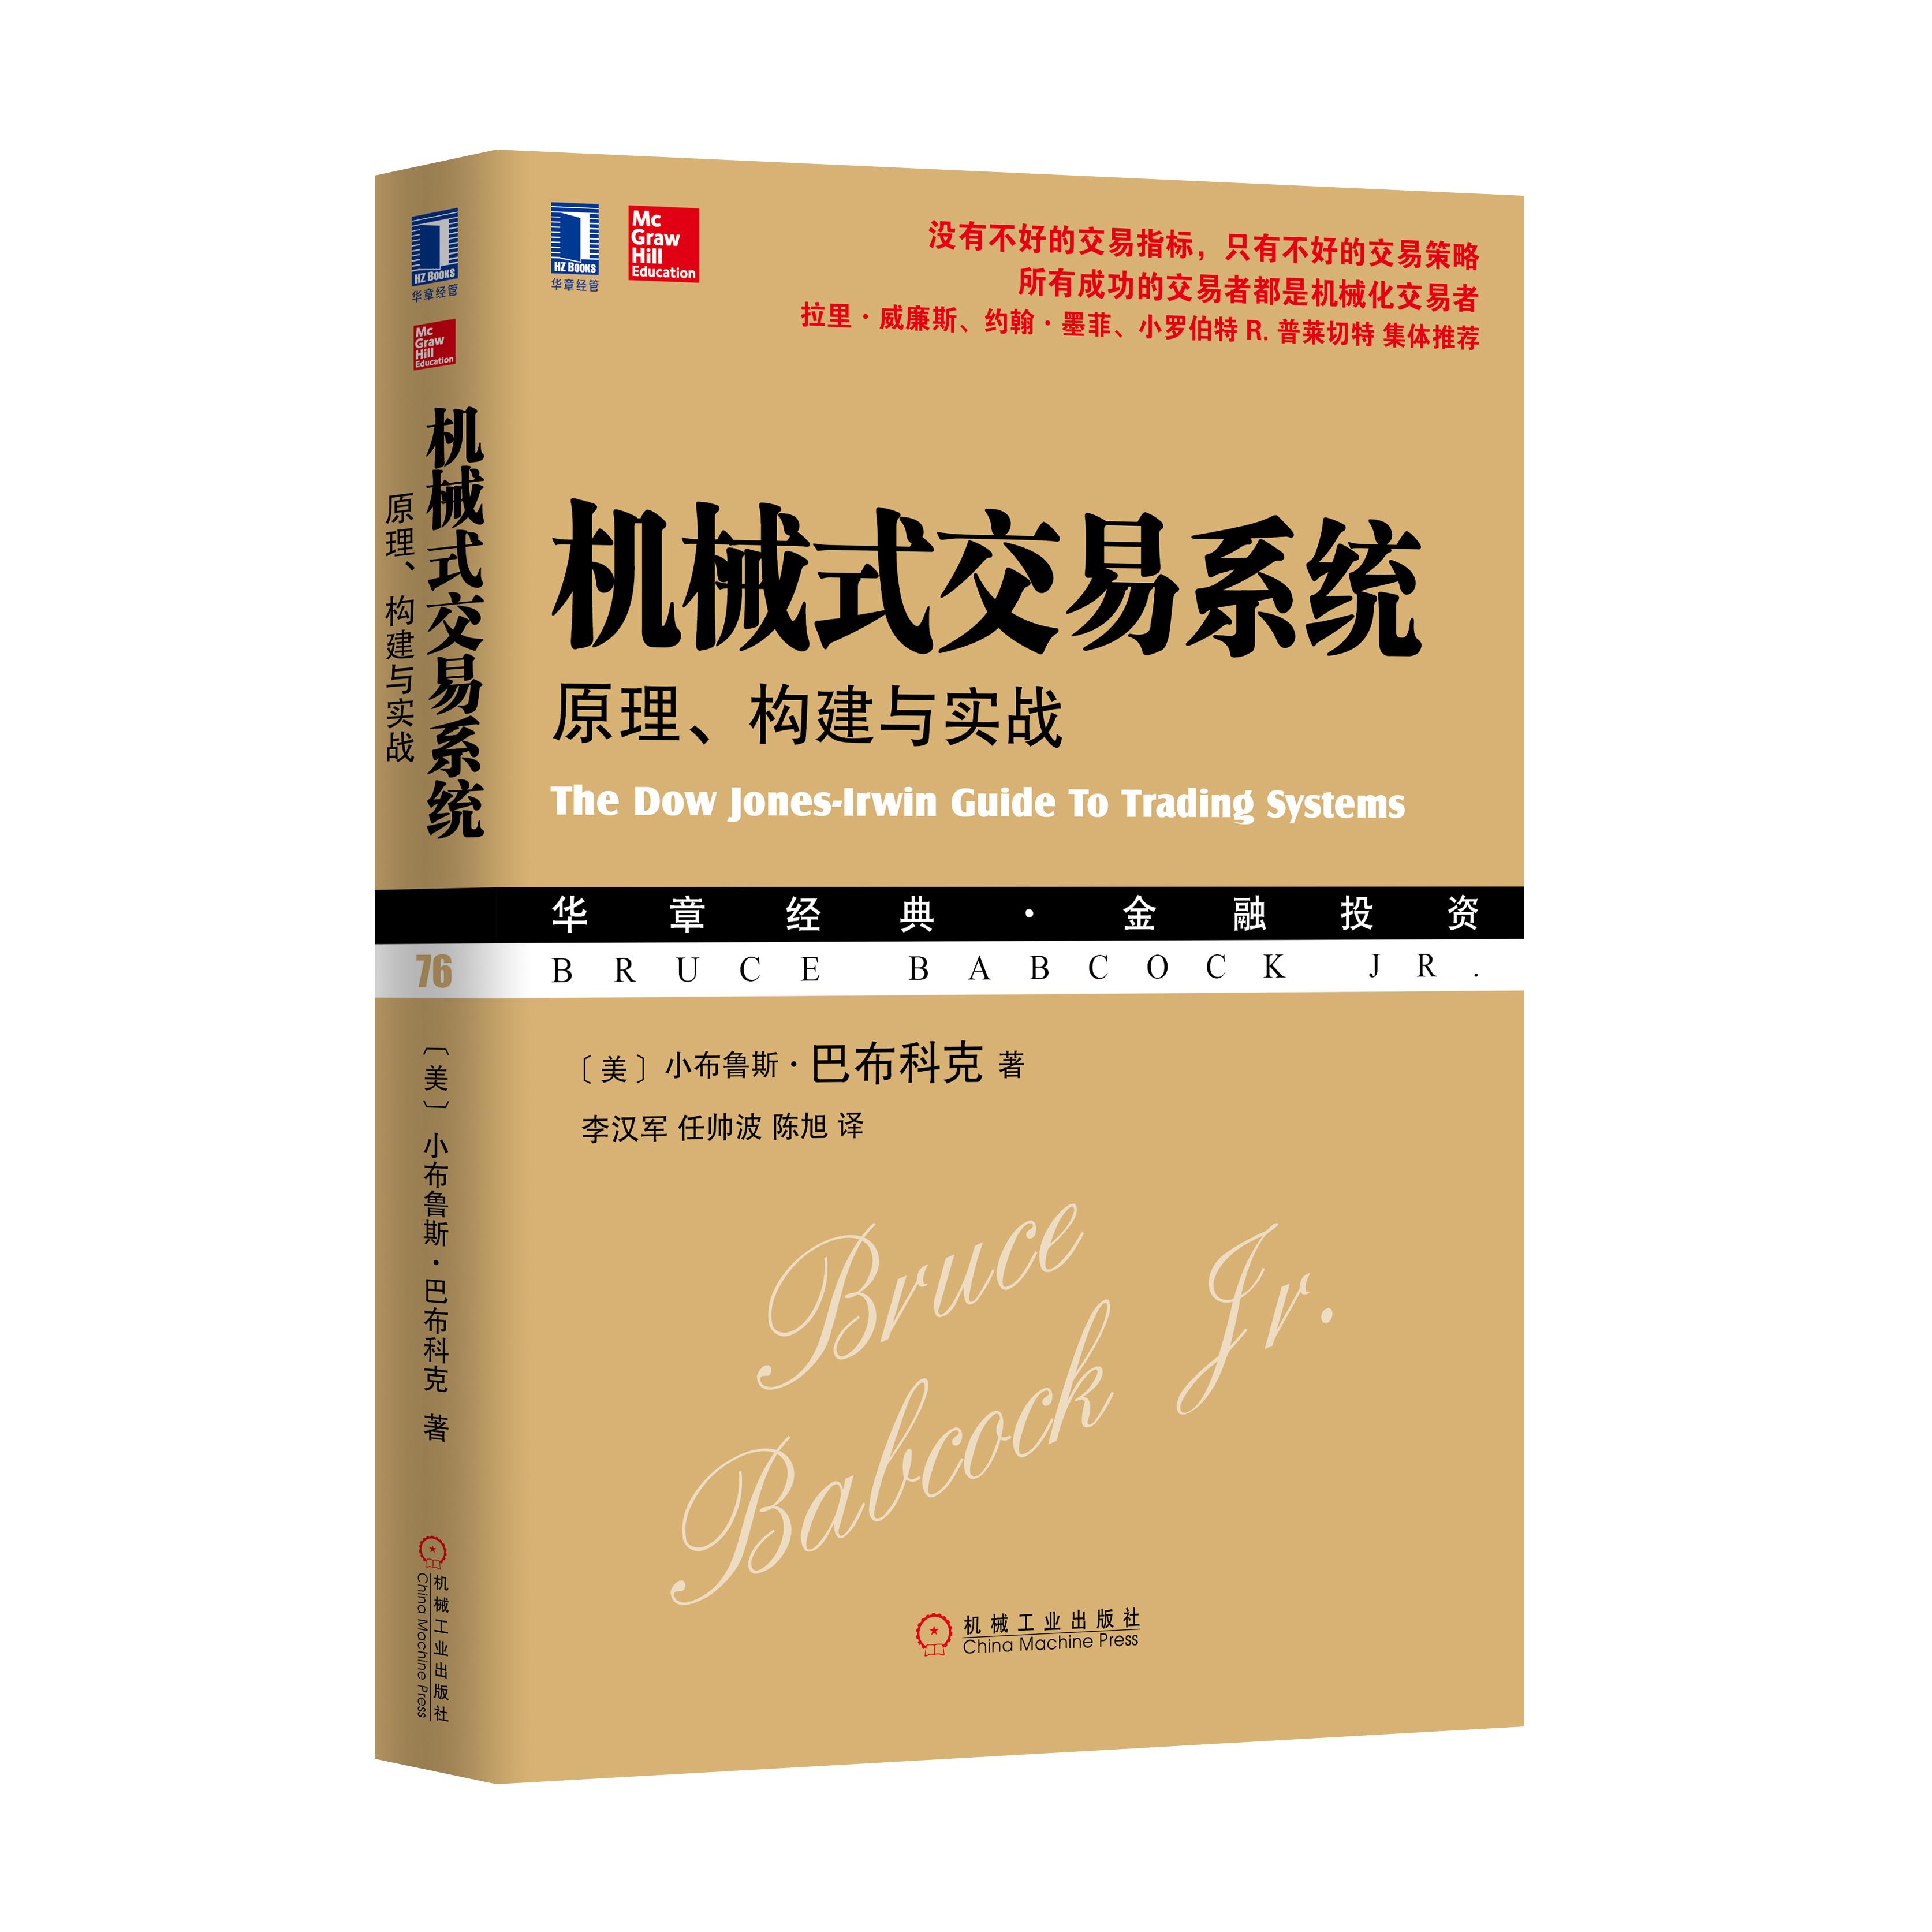 1015244|正版包邮机械式交易系统原理、构建与实战/金融投资/投资/股票/证券/期货 书籍 商城